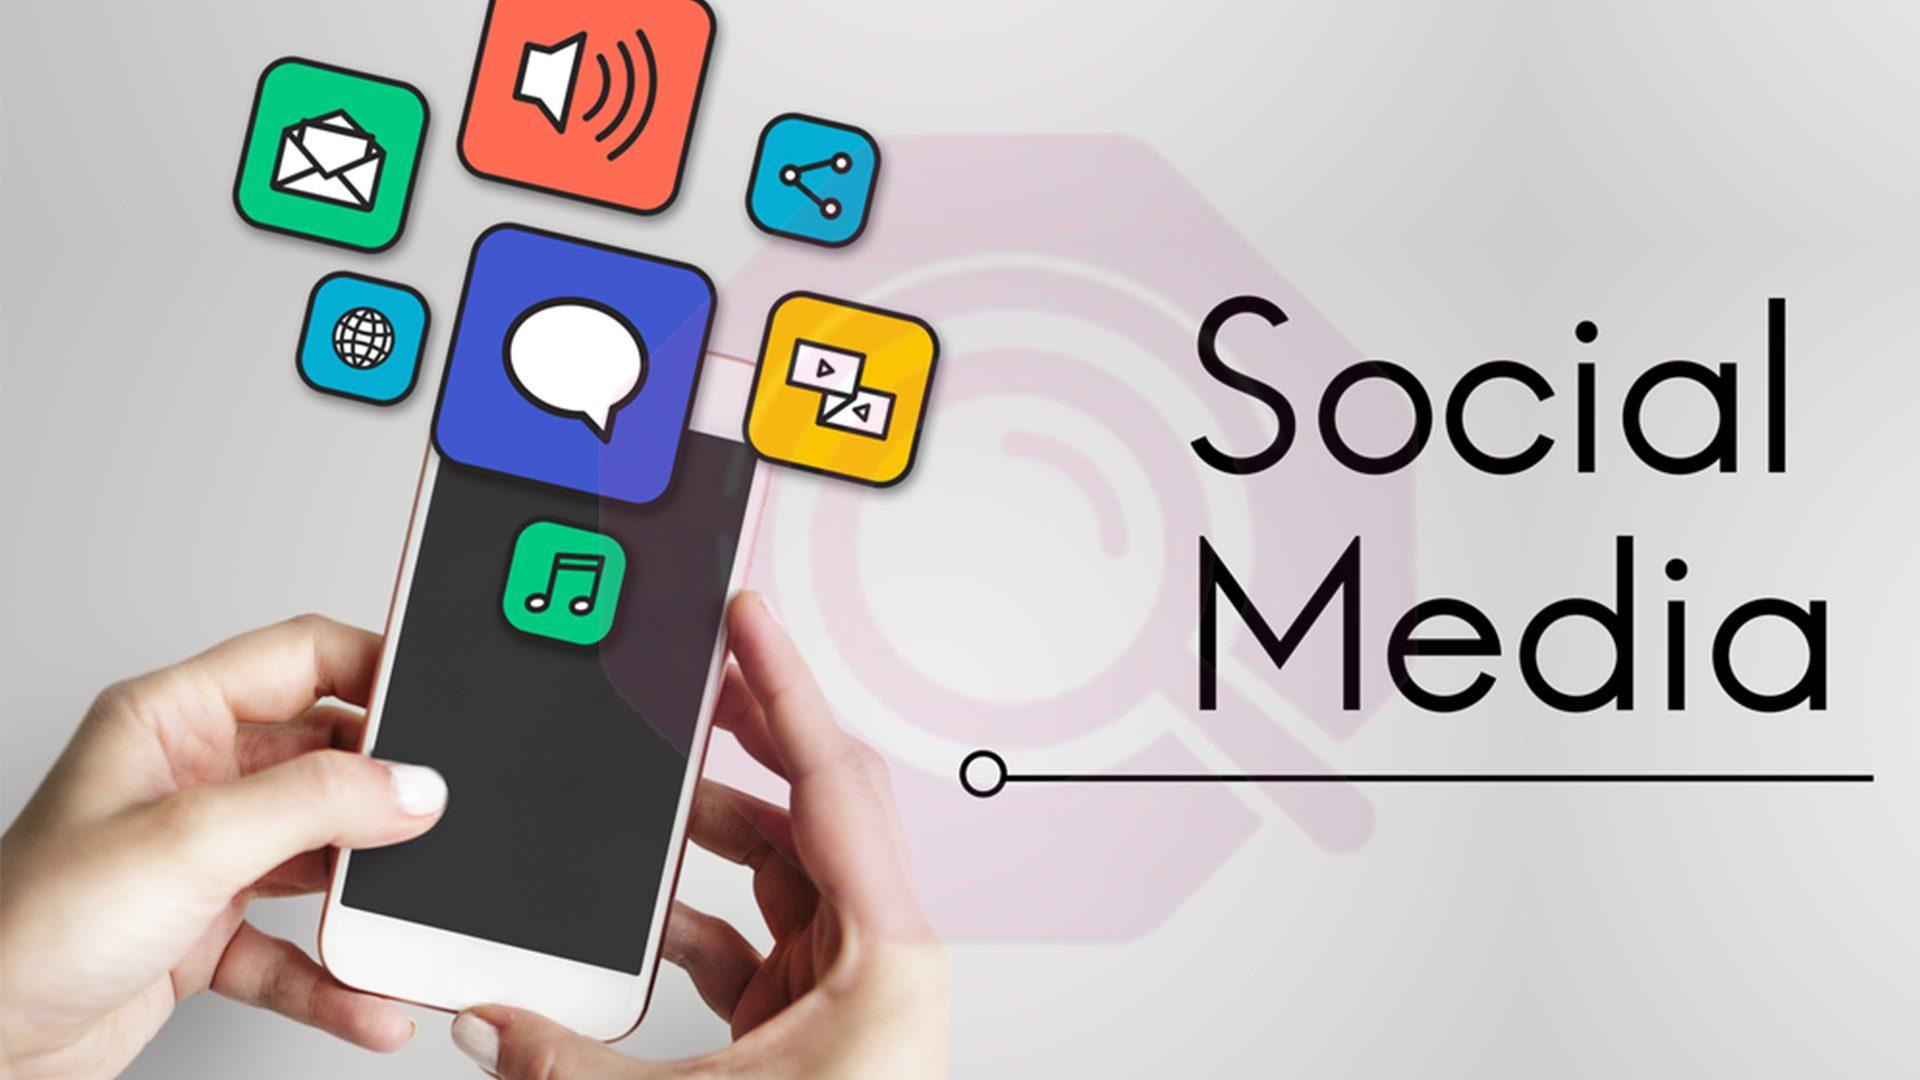 التفاعل والرد على مواقع التواصل الاجتماعي